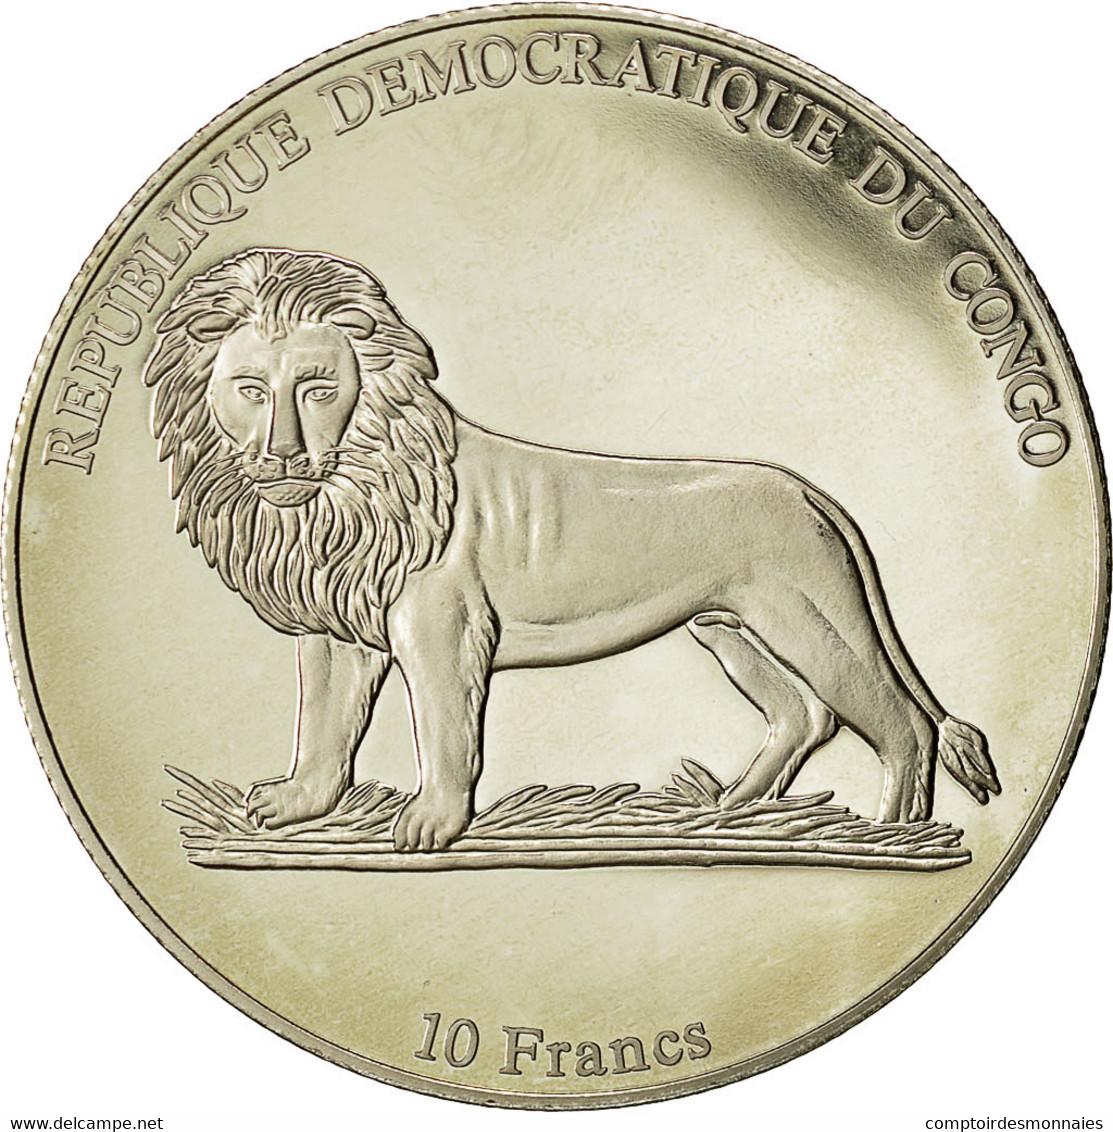 Monnaie, CONGO, DEMOCRATIC REPUBLIC, 10 Francs, 2002, FDC, Copper-nickel, KM:191 - Congo (République Démocratique 1998)